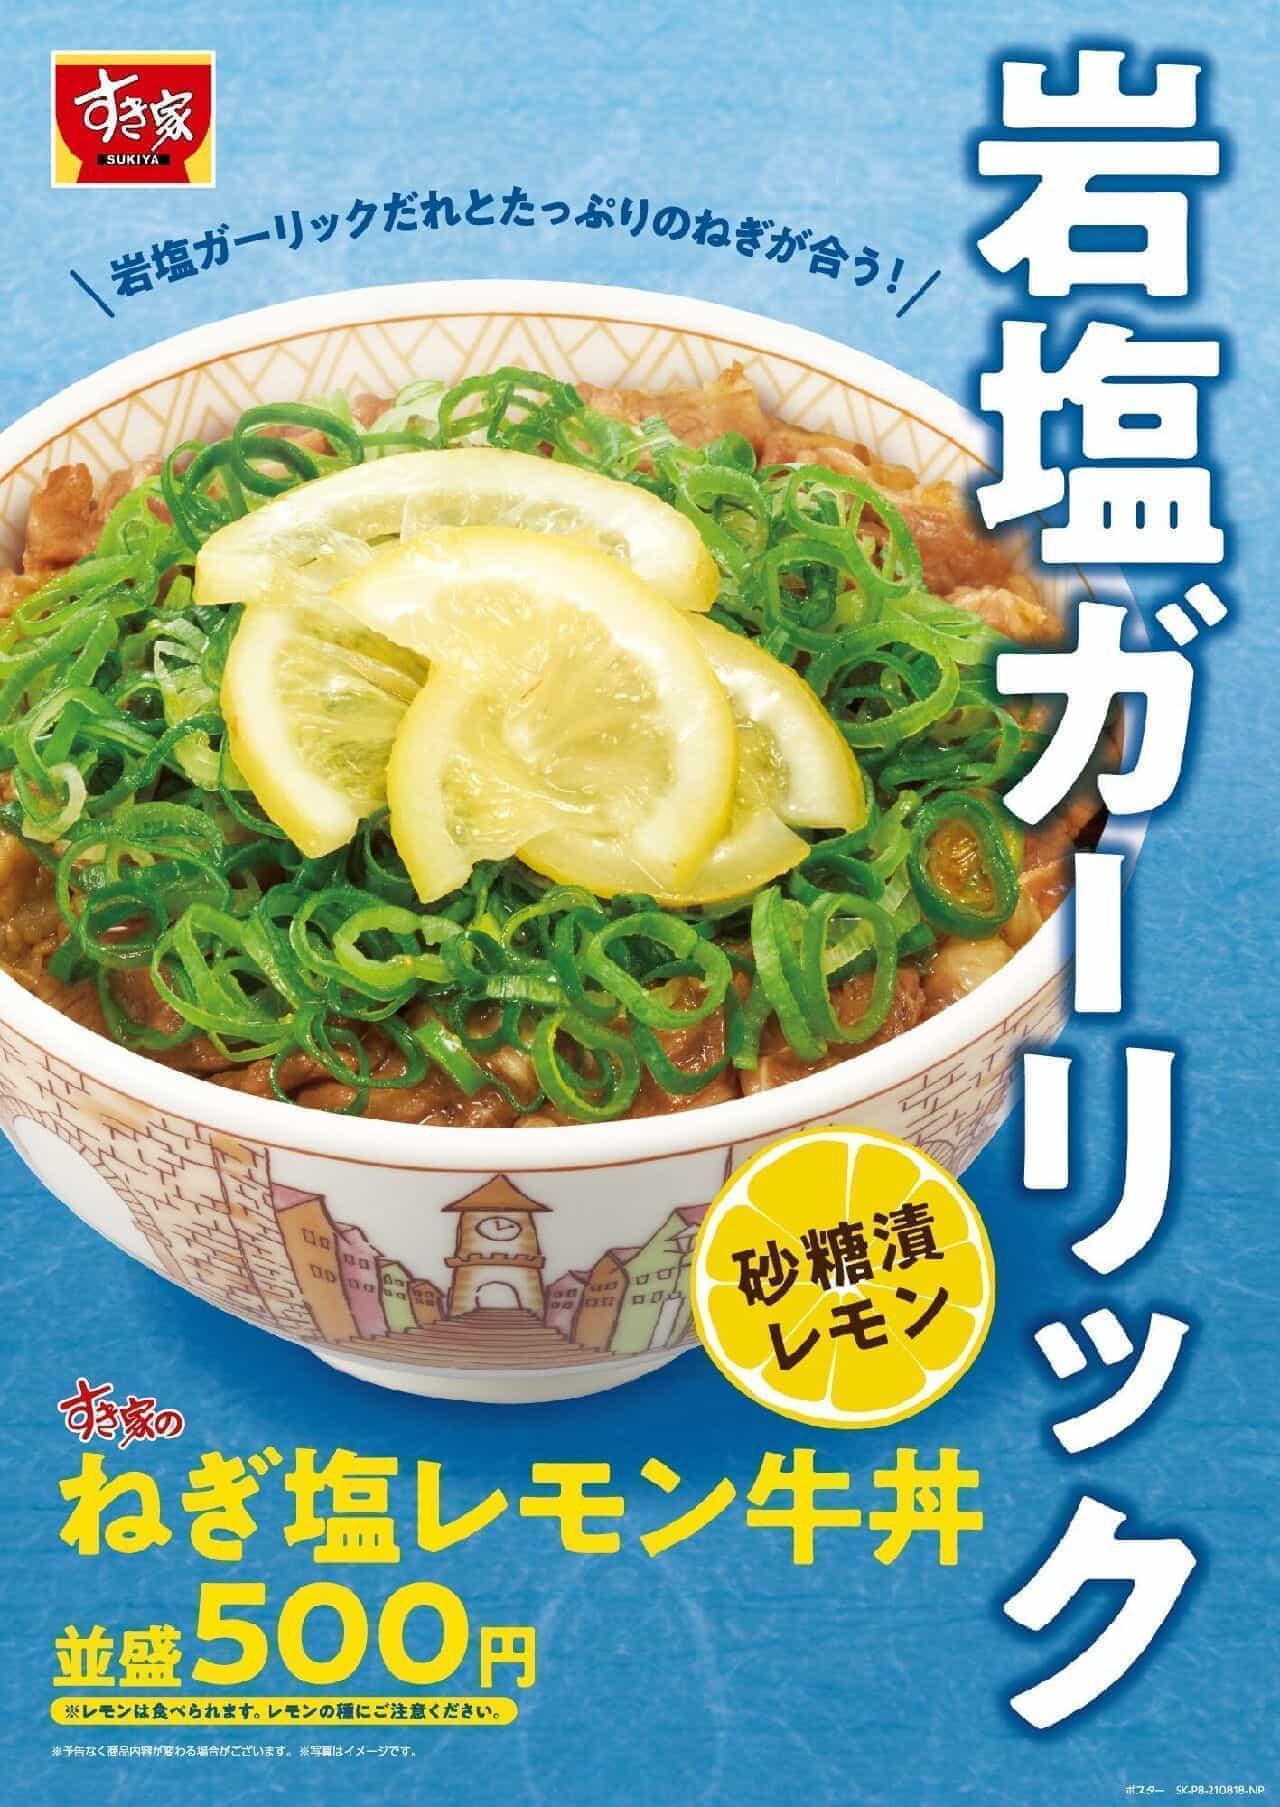 すき家「ねぎ塩レモン牛丼」